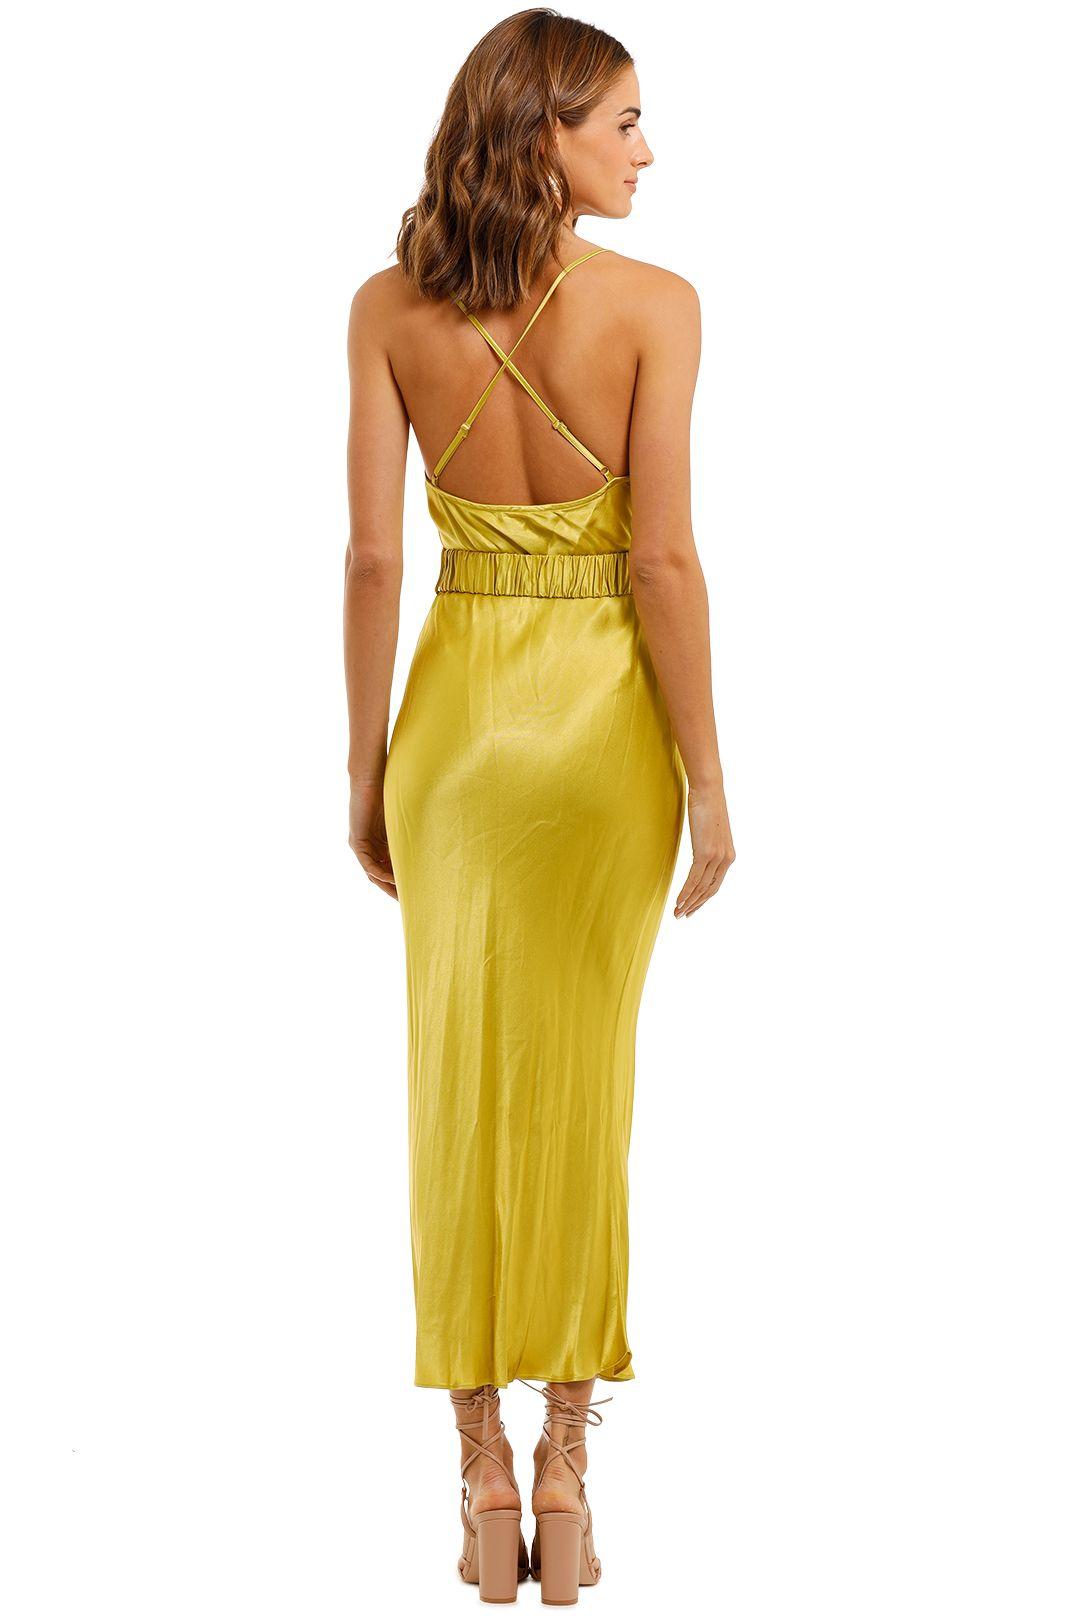 Shona Joy Gala Bias Midi Dress Lime Cross Strap Back